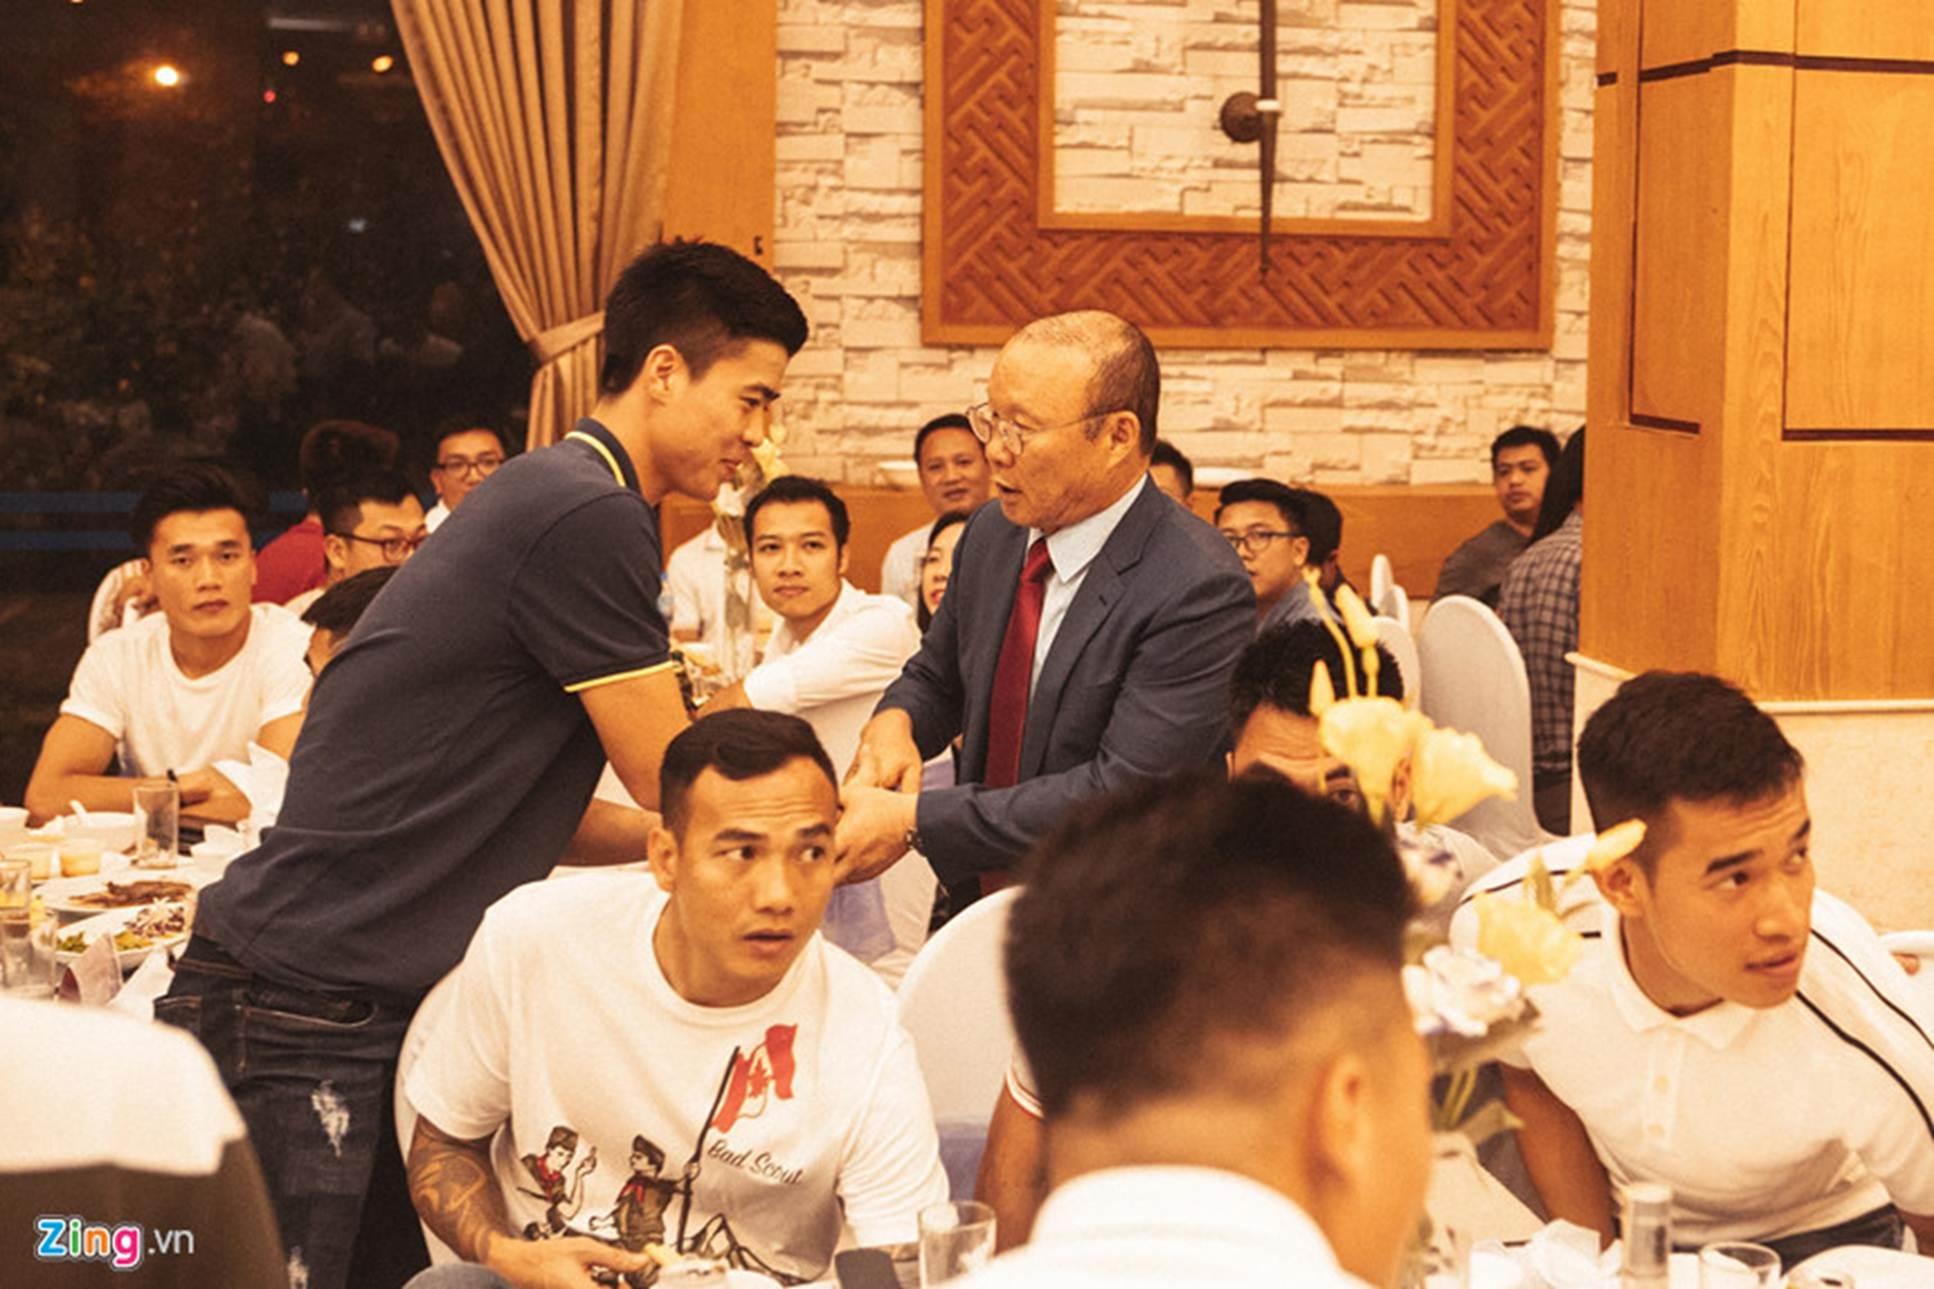 Thầy Park được 2 nhân viên bảo vệ theo sát tại lễ cưới Đỗ Hùng Dũng-7